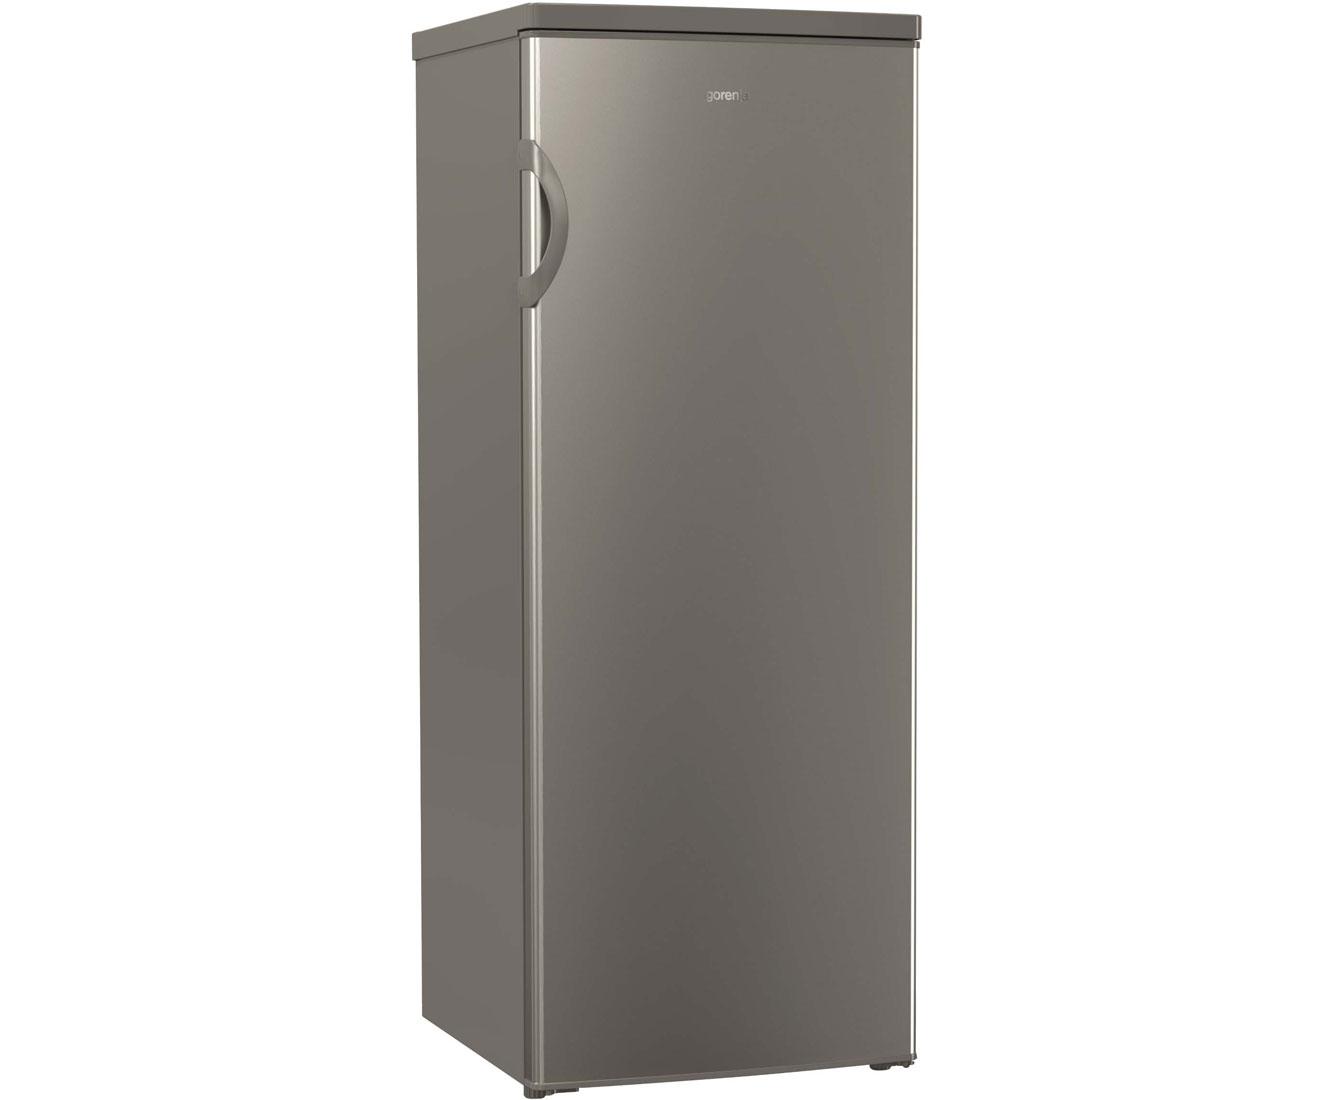 Gorenje Kühlschrank Service : Gorenje rb anx kühlschrank edelstahl optik a